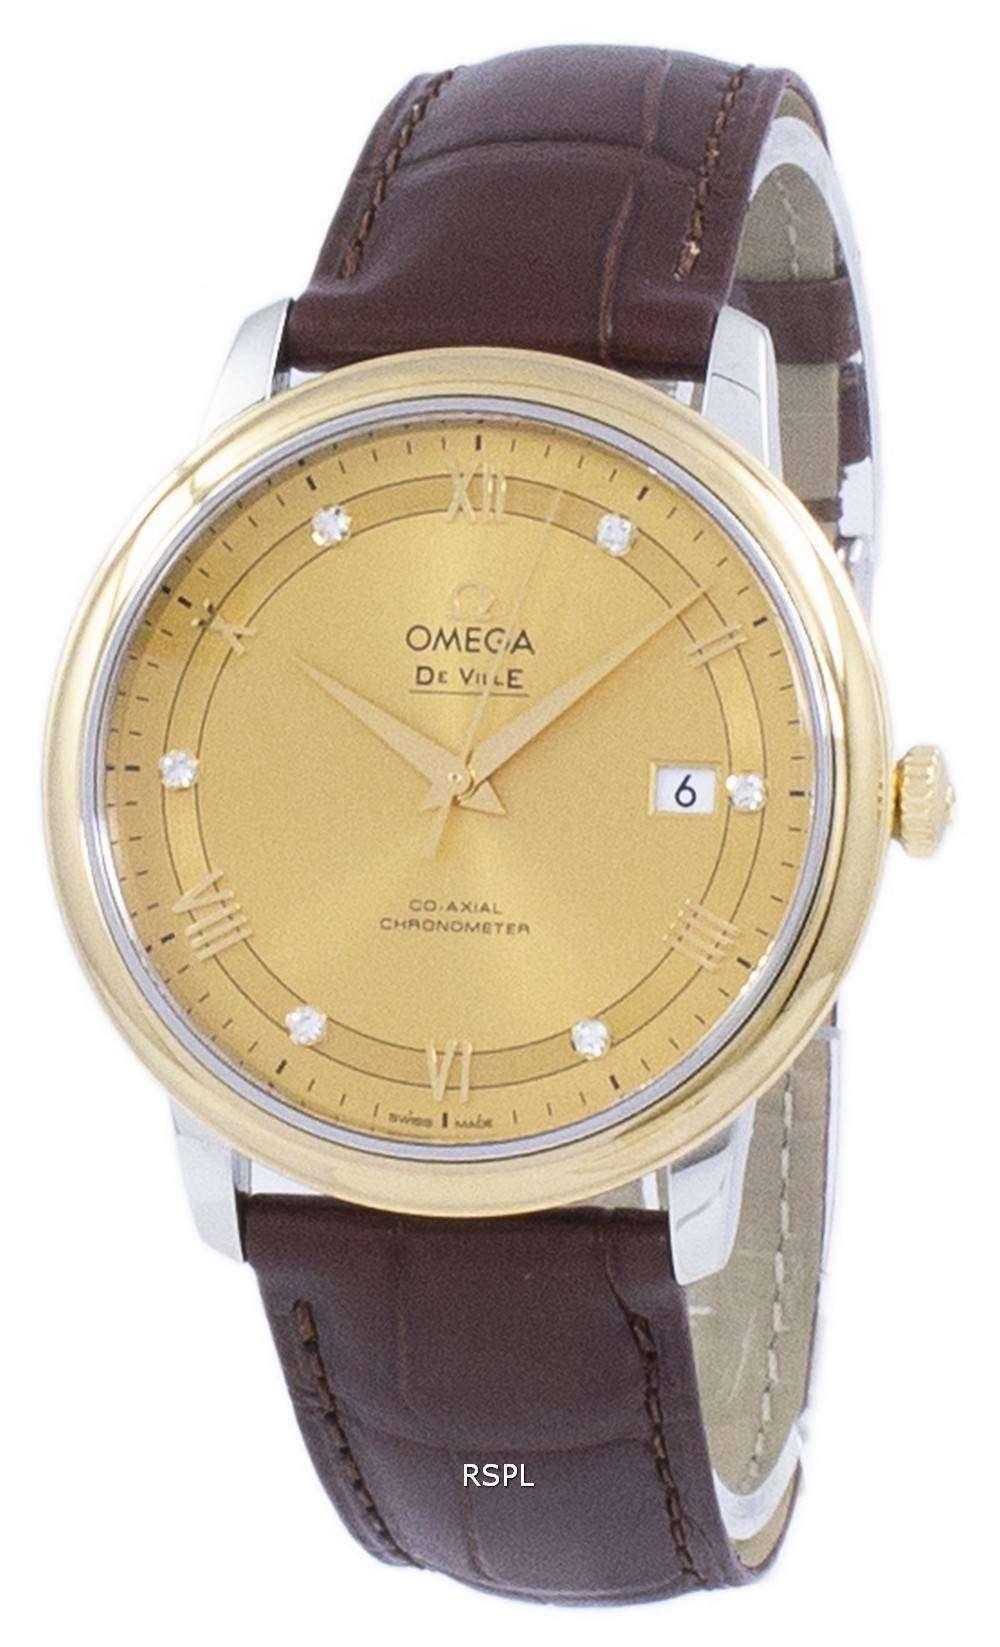 オメガ デ ・ ヴィル プレステージ コーアクシャル クロノメーター自動 424.23.40.20.58.001 メンズ腕時計